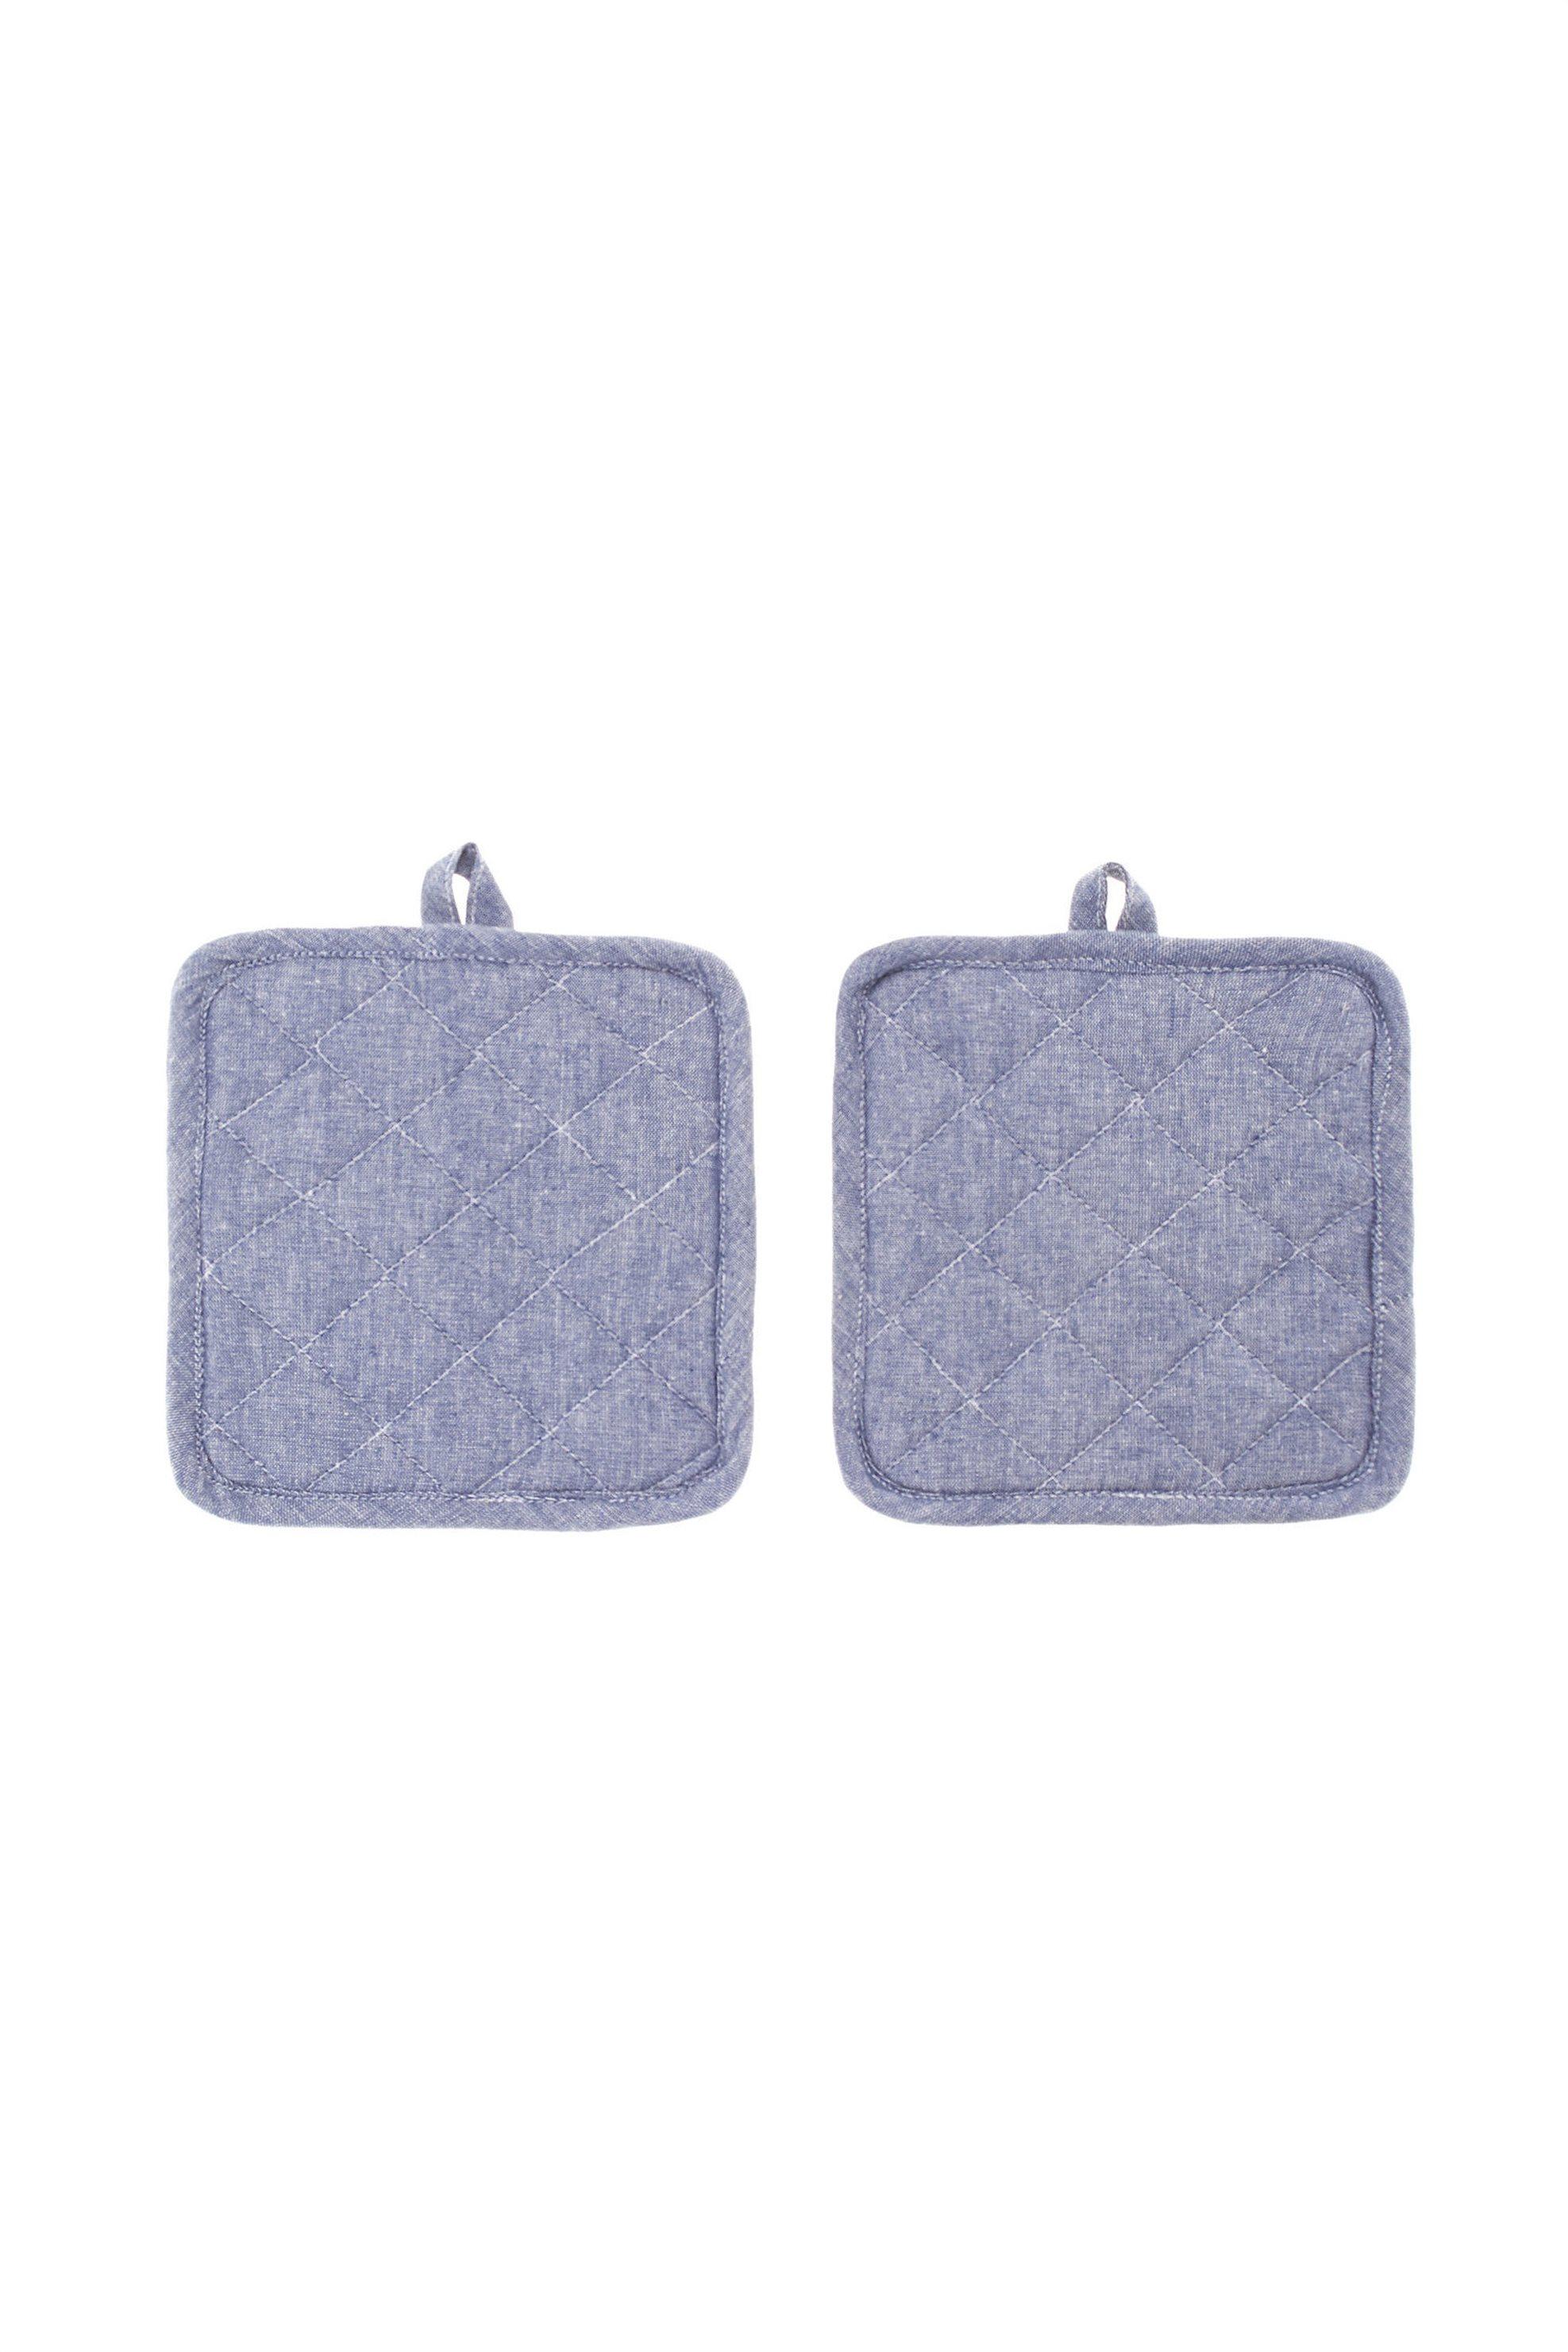 Σετ πιάστρες κουζίνας Μélange 18 x 18 cm ( 2 τεμάχια) Coincasa - 000494753 - Μπλ home   κουζινα   αξεσουάρ kουζίνας   γάντια   πιάστρες κουζίνας